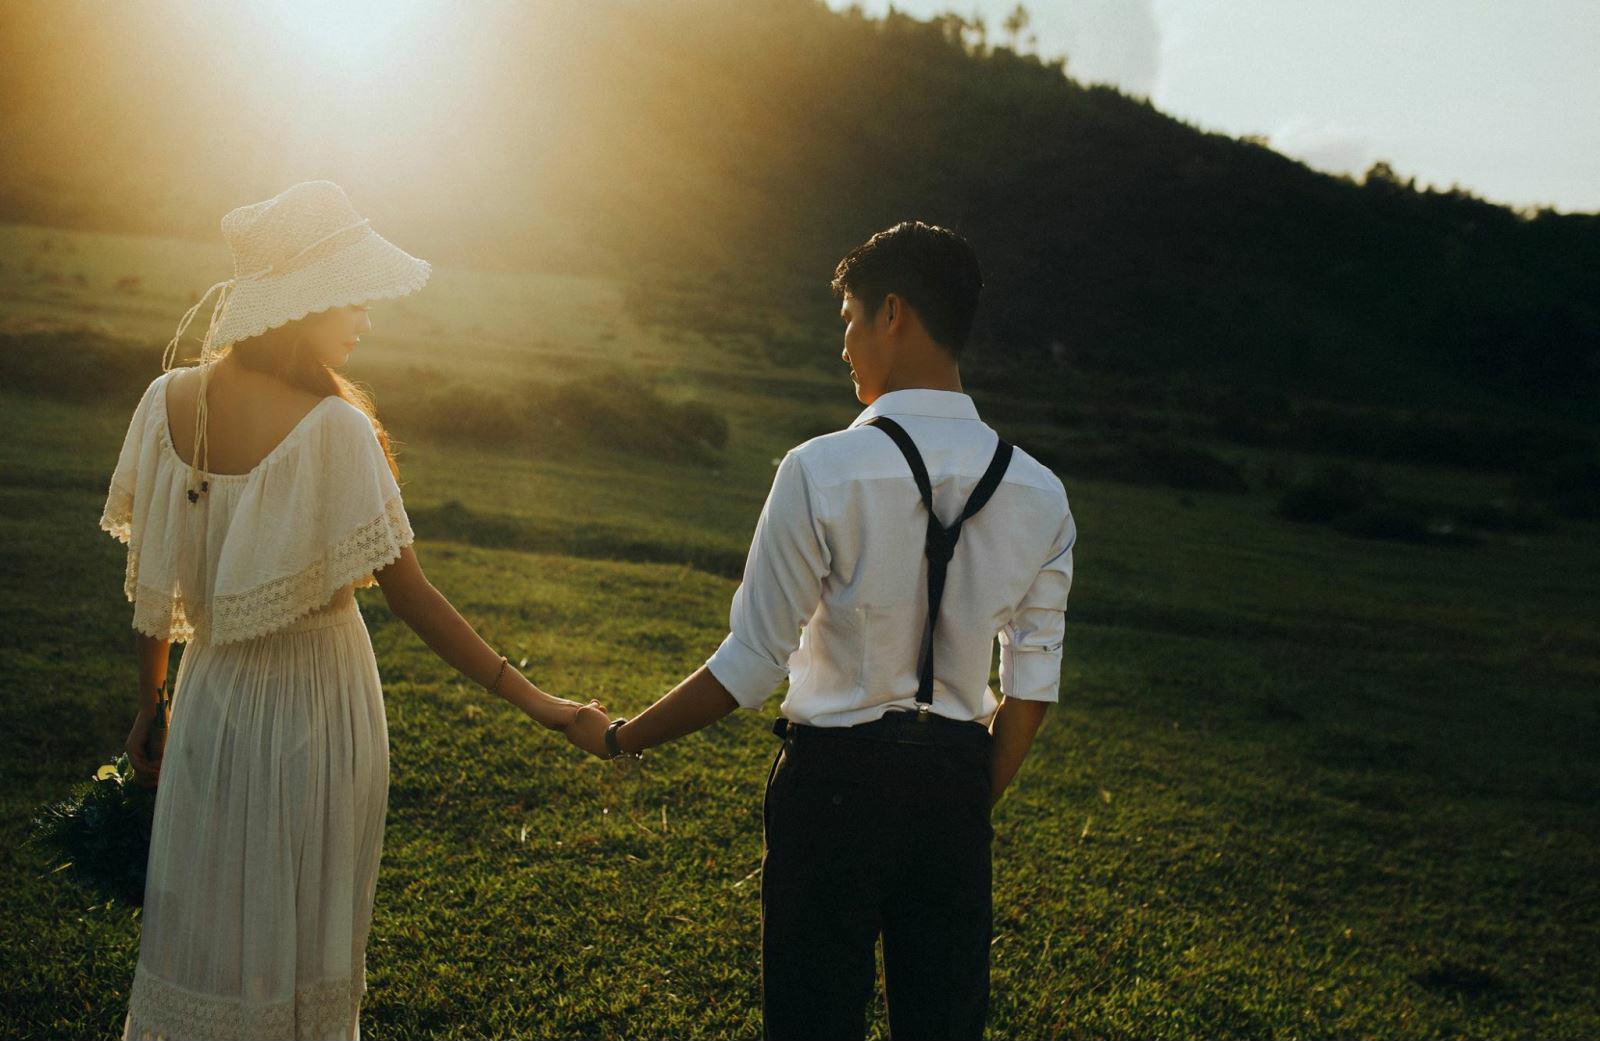 Gửi kẻ thứ ba: Mộng mị đủ rồi! Đã đến lúc phải tỉnh giấc và nhận ra mình đang ôm chồng của thiên hạ - Ảnh 1